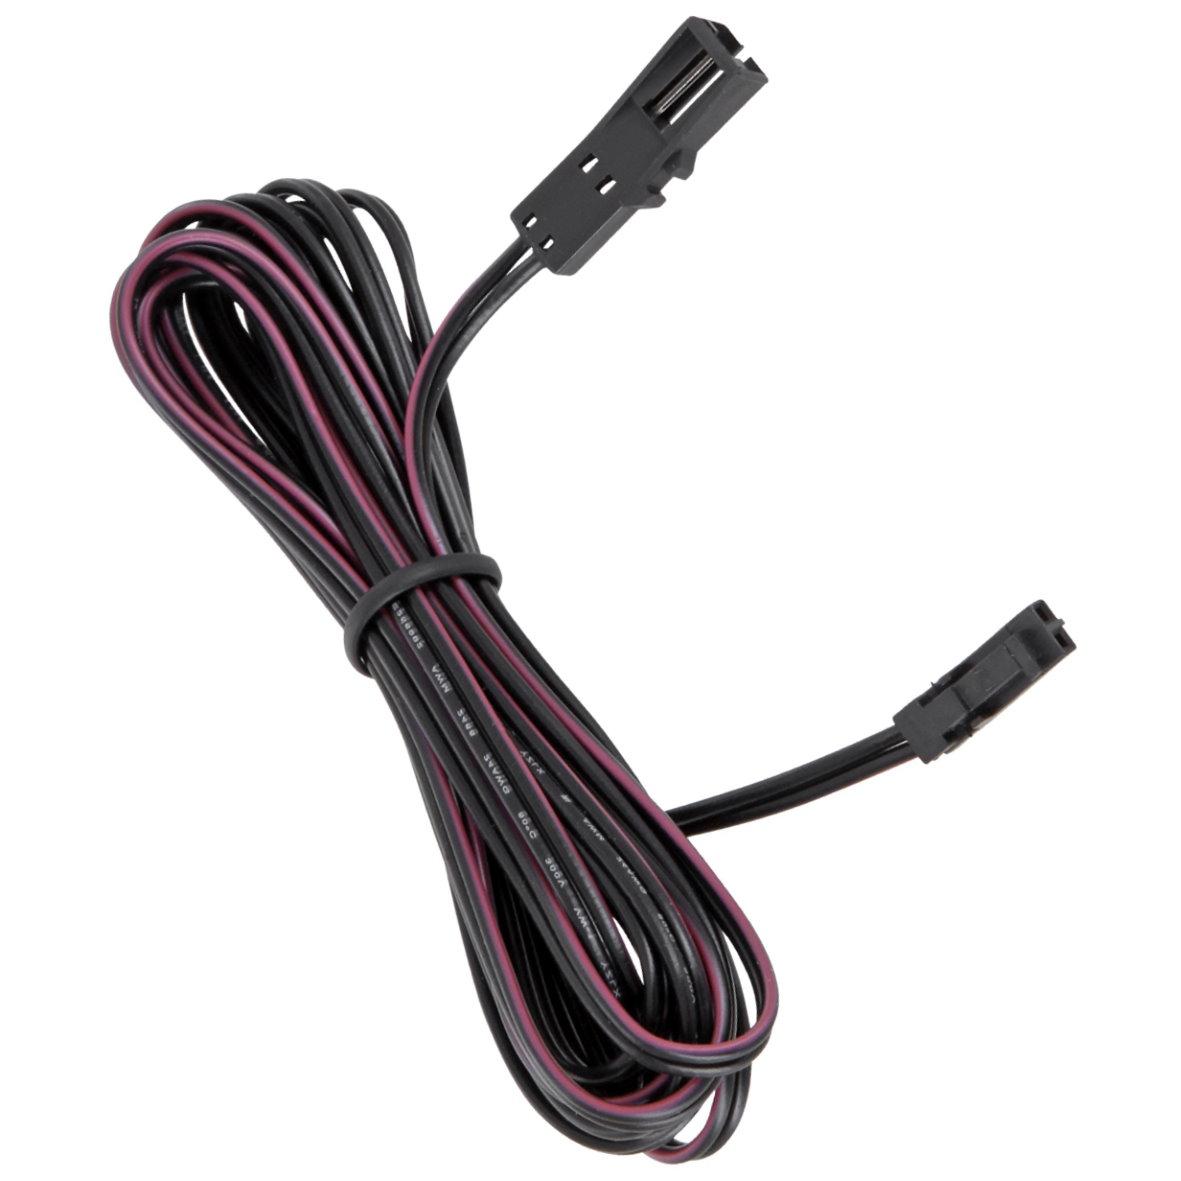 AMP Stecker  und Buchse mit Kabel